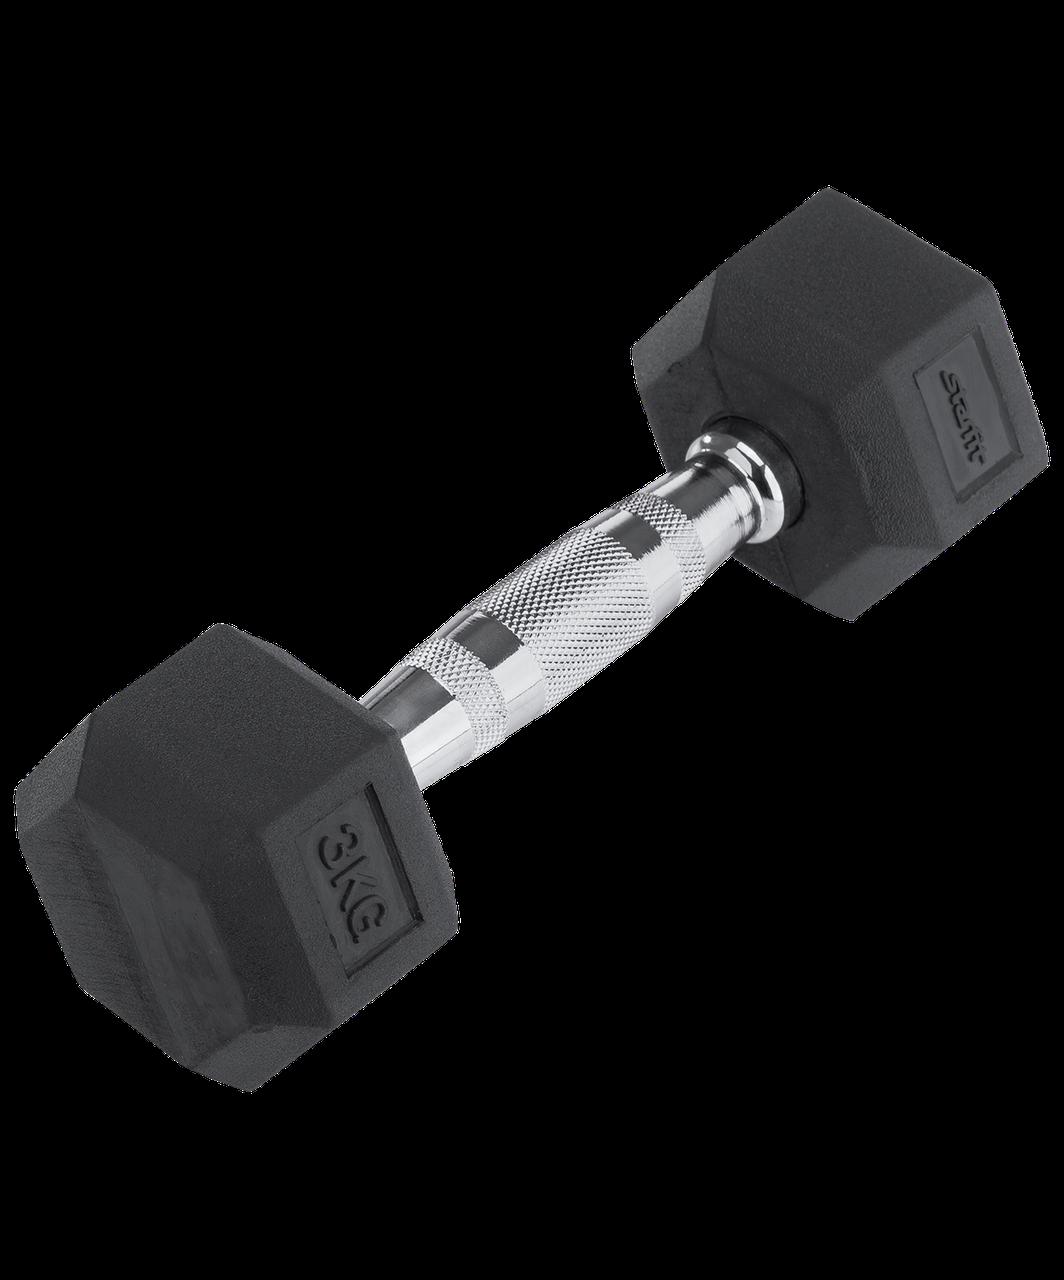 Гантель обрезиненная DB-301 3 кг, черная